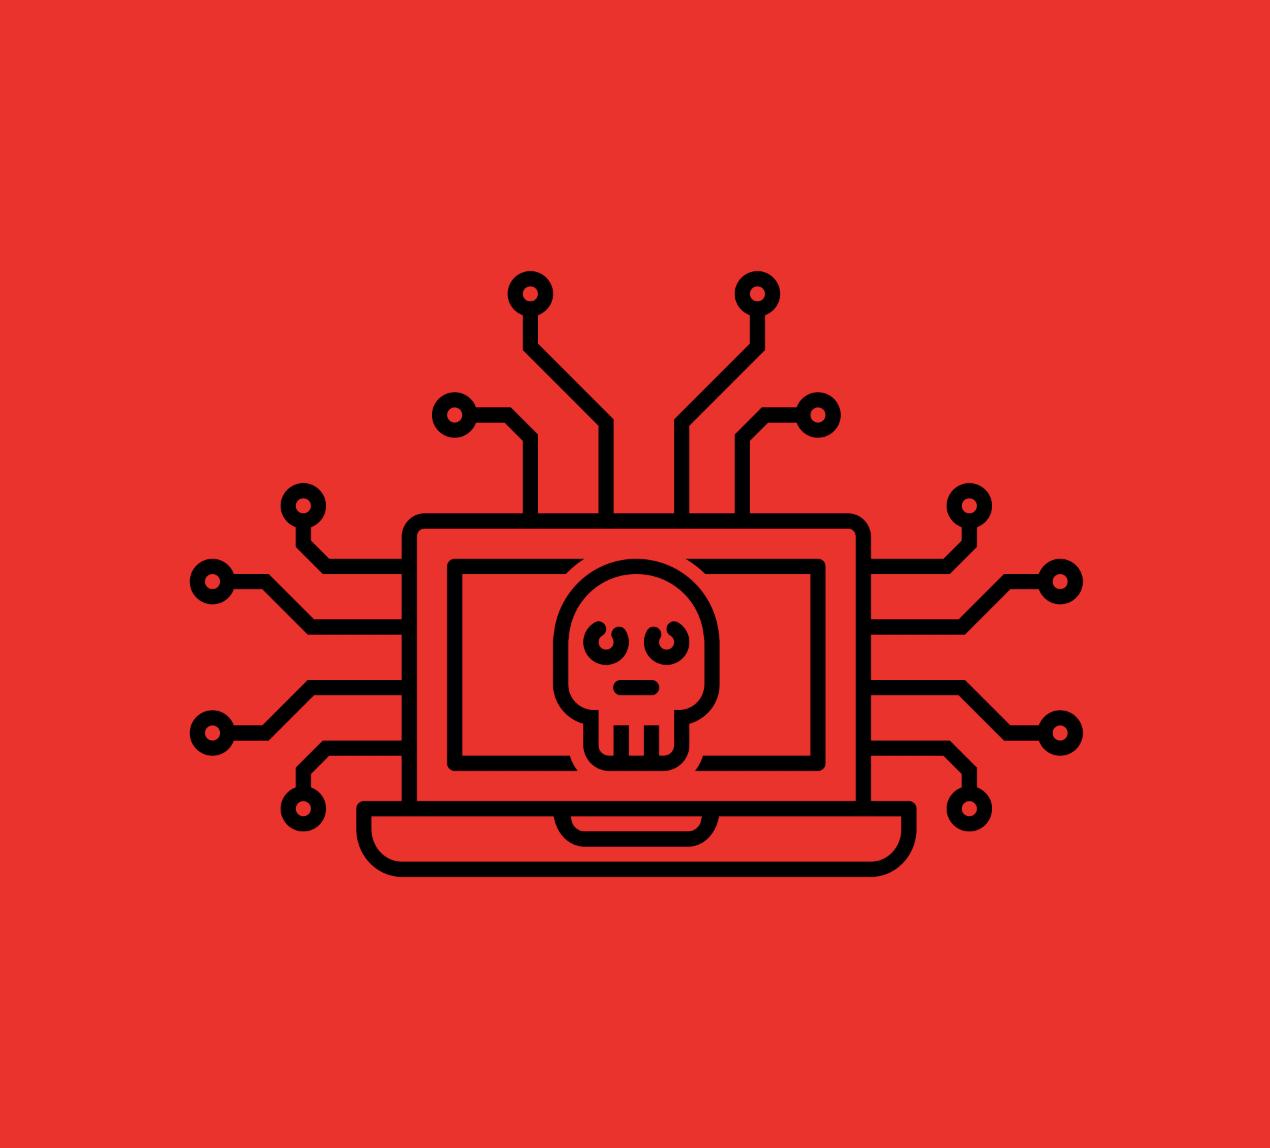 セキュリティ研究者に朗報、マルウェア検出AIの訓練データセット